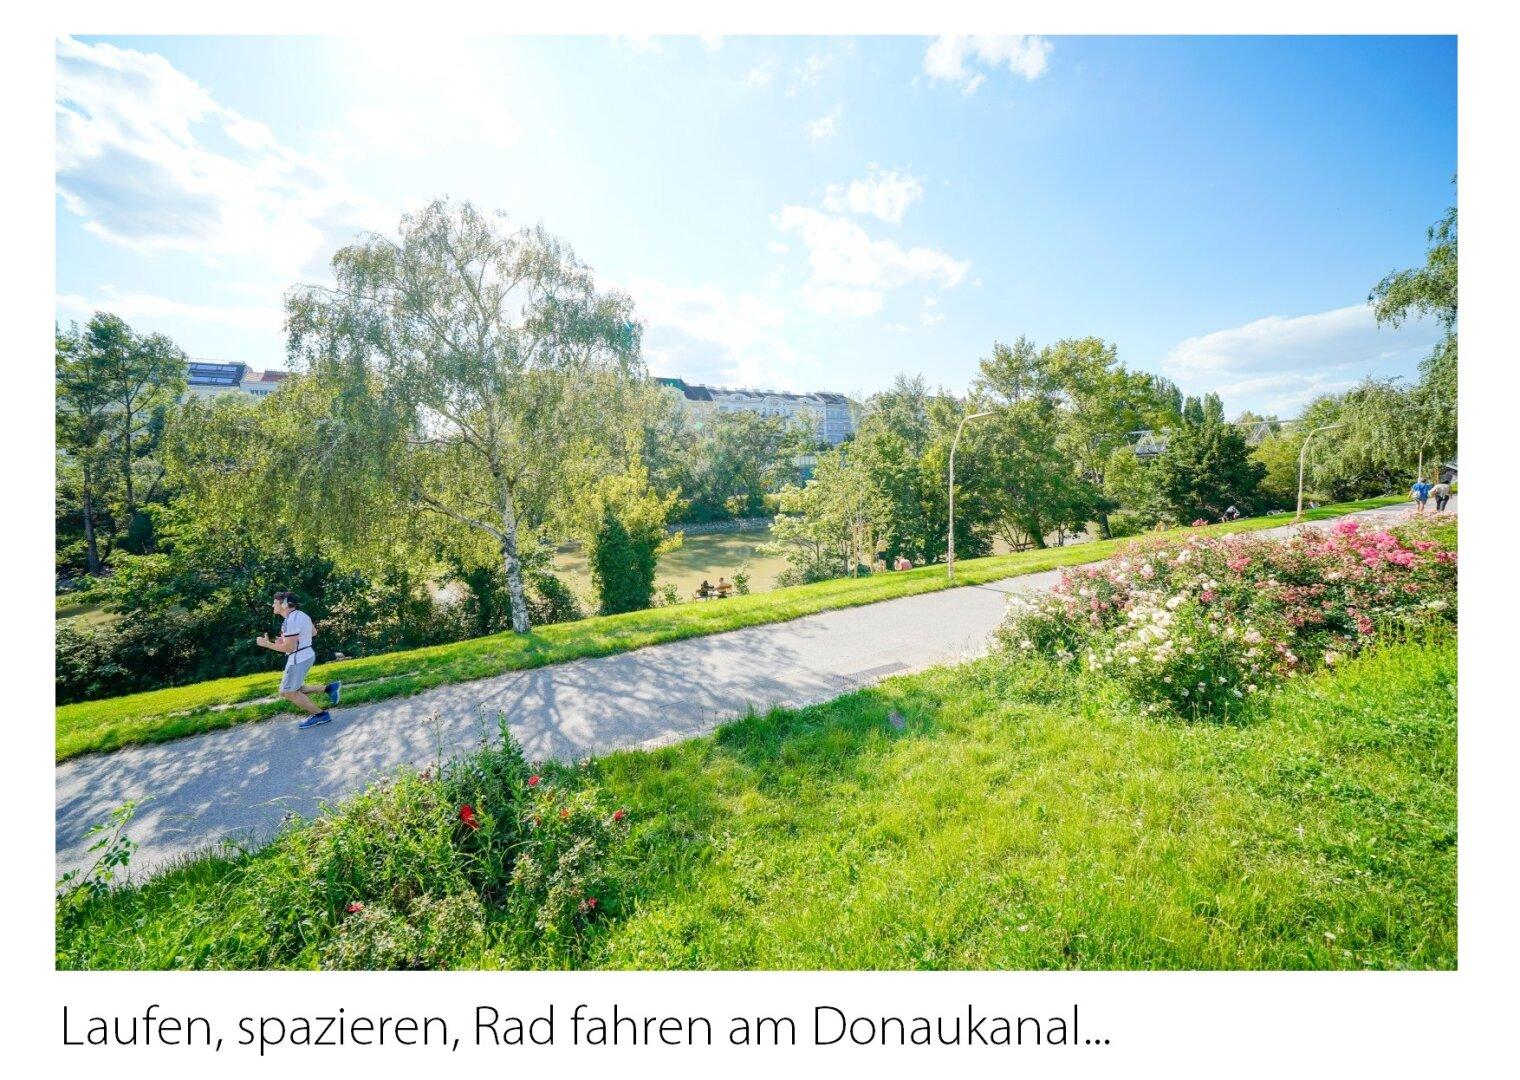 Enjoy Donaukanal